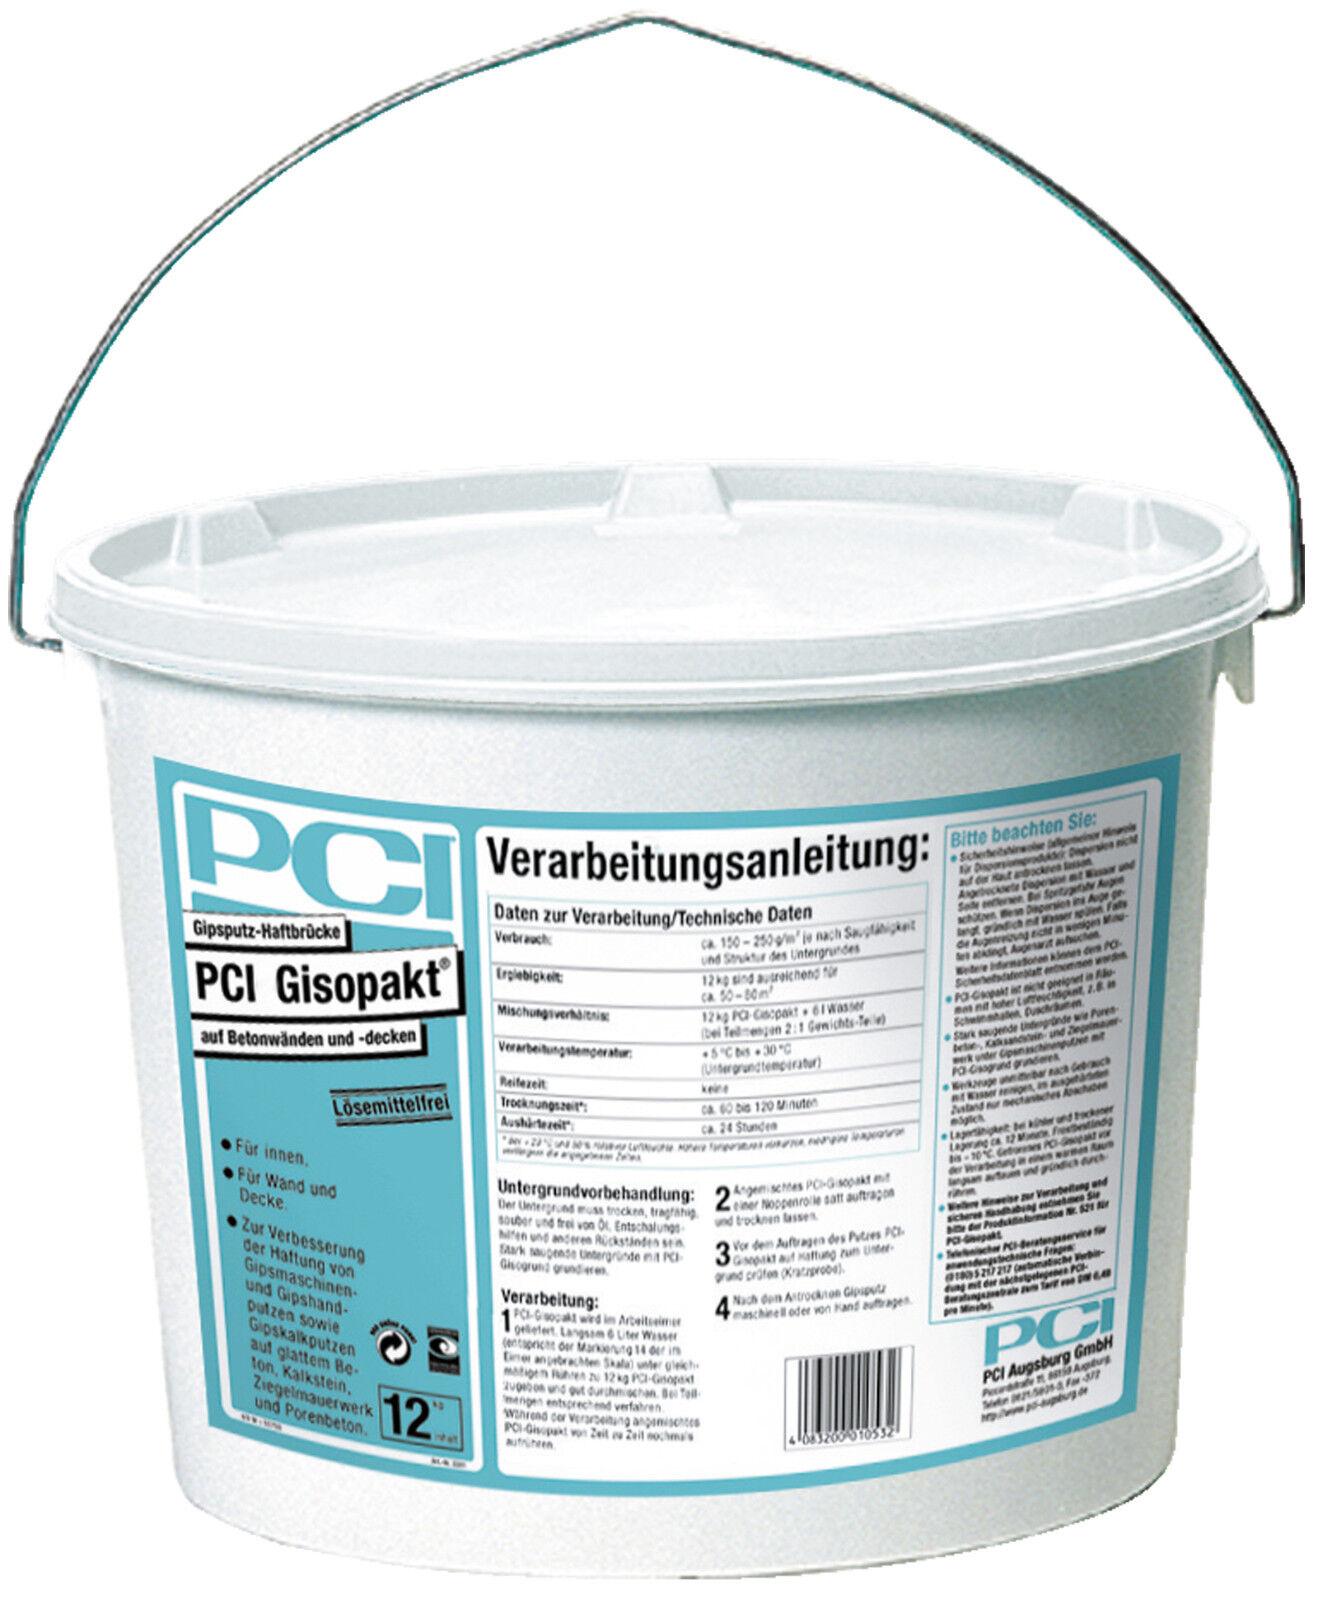 PCI Gisopakt 12 12 12 kg Verbessert die Haftung von Gipsputzen auf Beton Betokontakt 1a4261